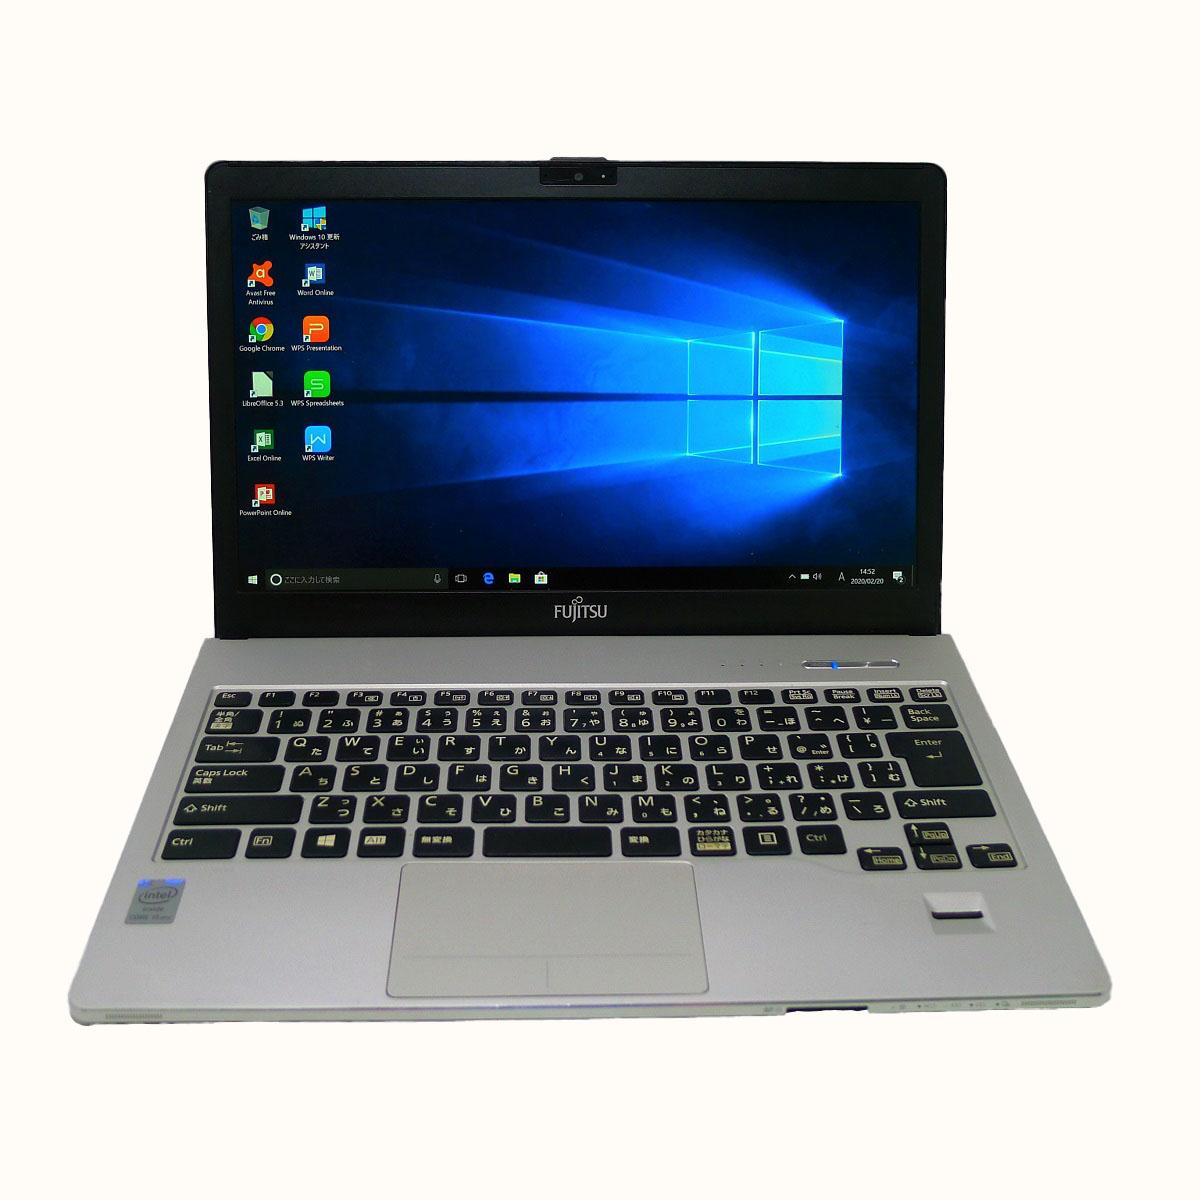 新作 FUJITSU Notebook LIFEBOOK S904 Core i5 Seasonal Wrap入荷 6GB 新品SSD960GB DVD-ROM 無線LAN 中古 モバイルノート Office Windows10 ノートパソコン 64bitWPS 13.3インチ 中古パソコン フルHD